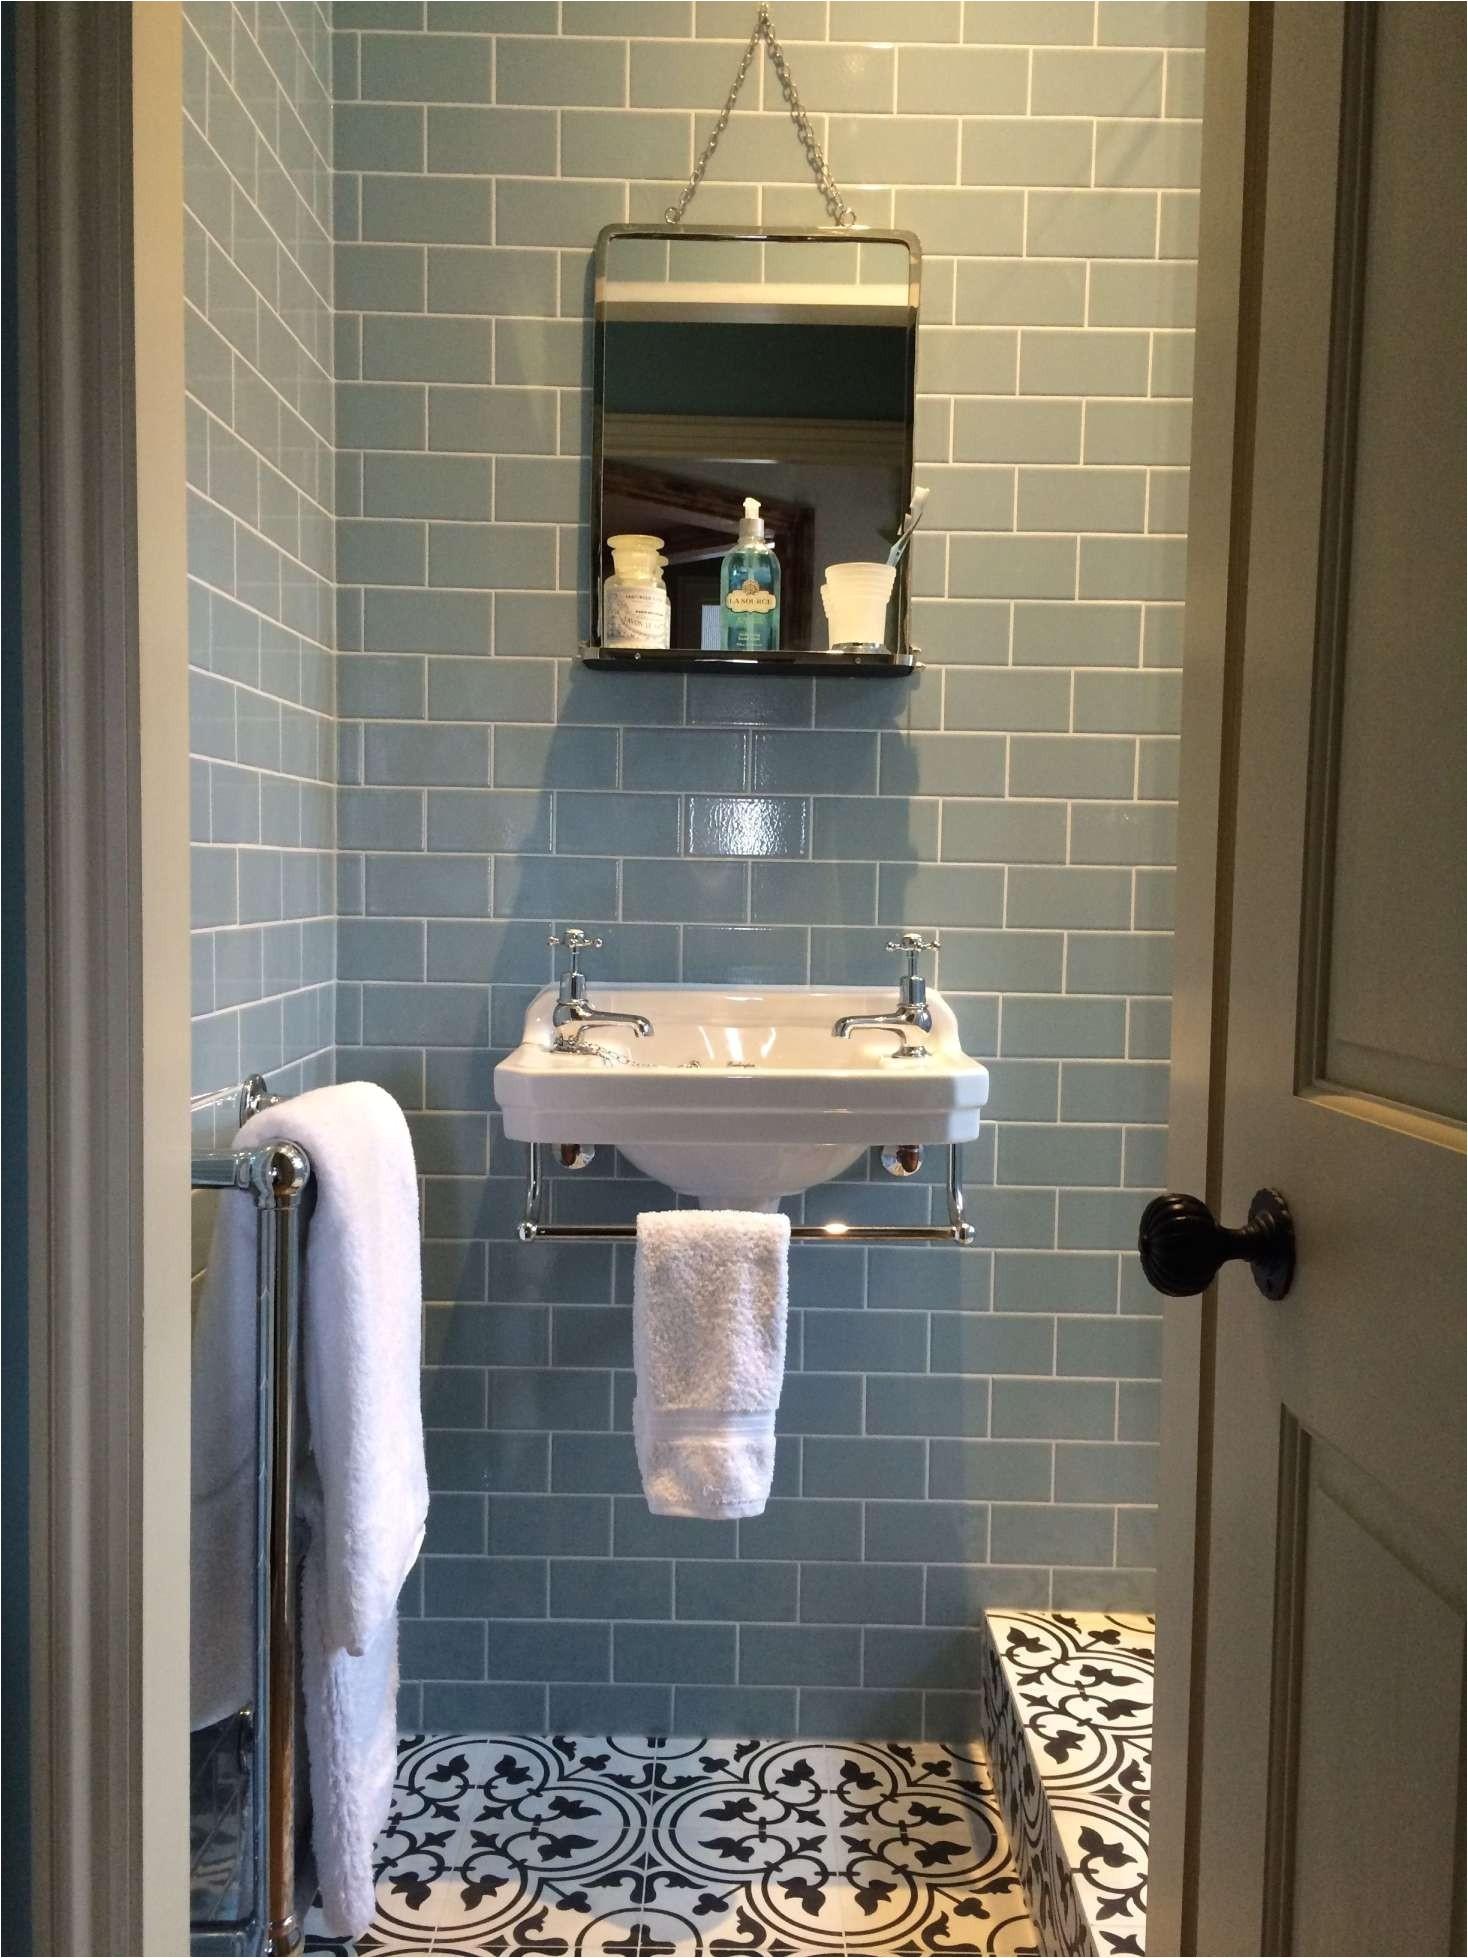 bathroom tiles for small bathrooms ideas photos new floor tiles mosaic bathroom 0d new bathroom floor